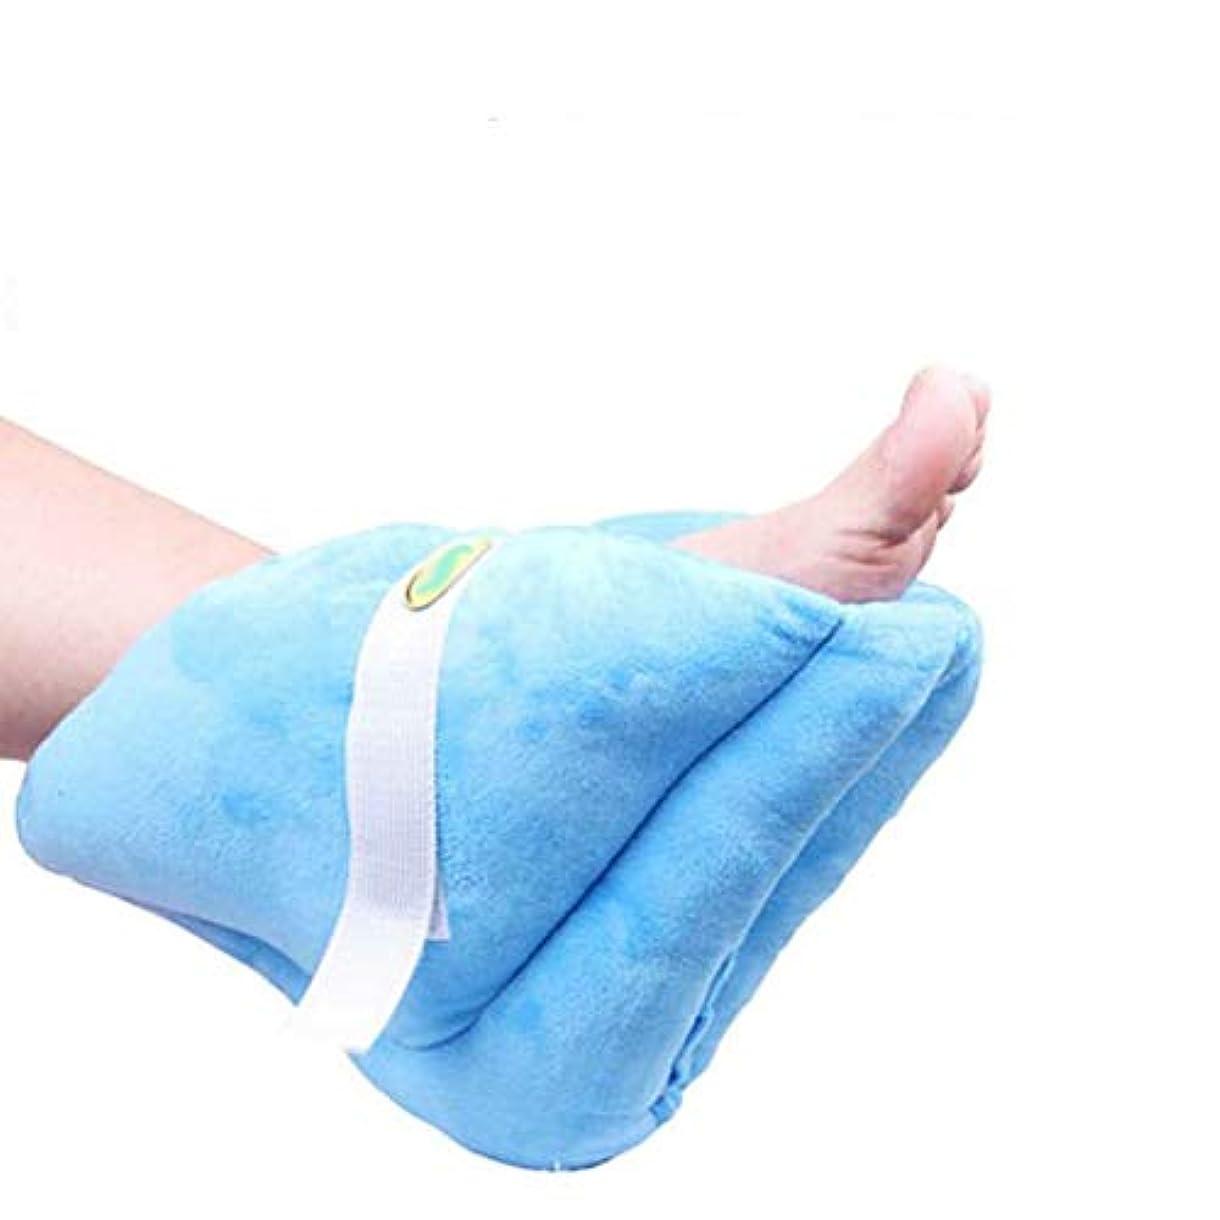 従事する告白するどうしたのヒールクッションプロテクター - 足と足首の枕 - ヒール保護ガード - 足、肘、かかと - ベッド&褥瘡を保護します,1pc